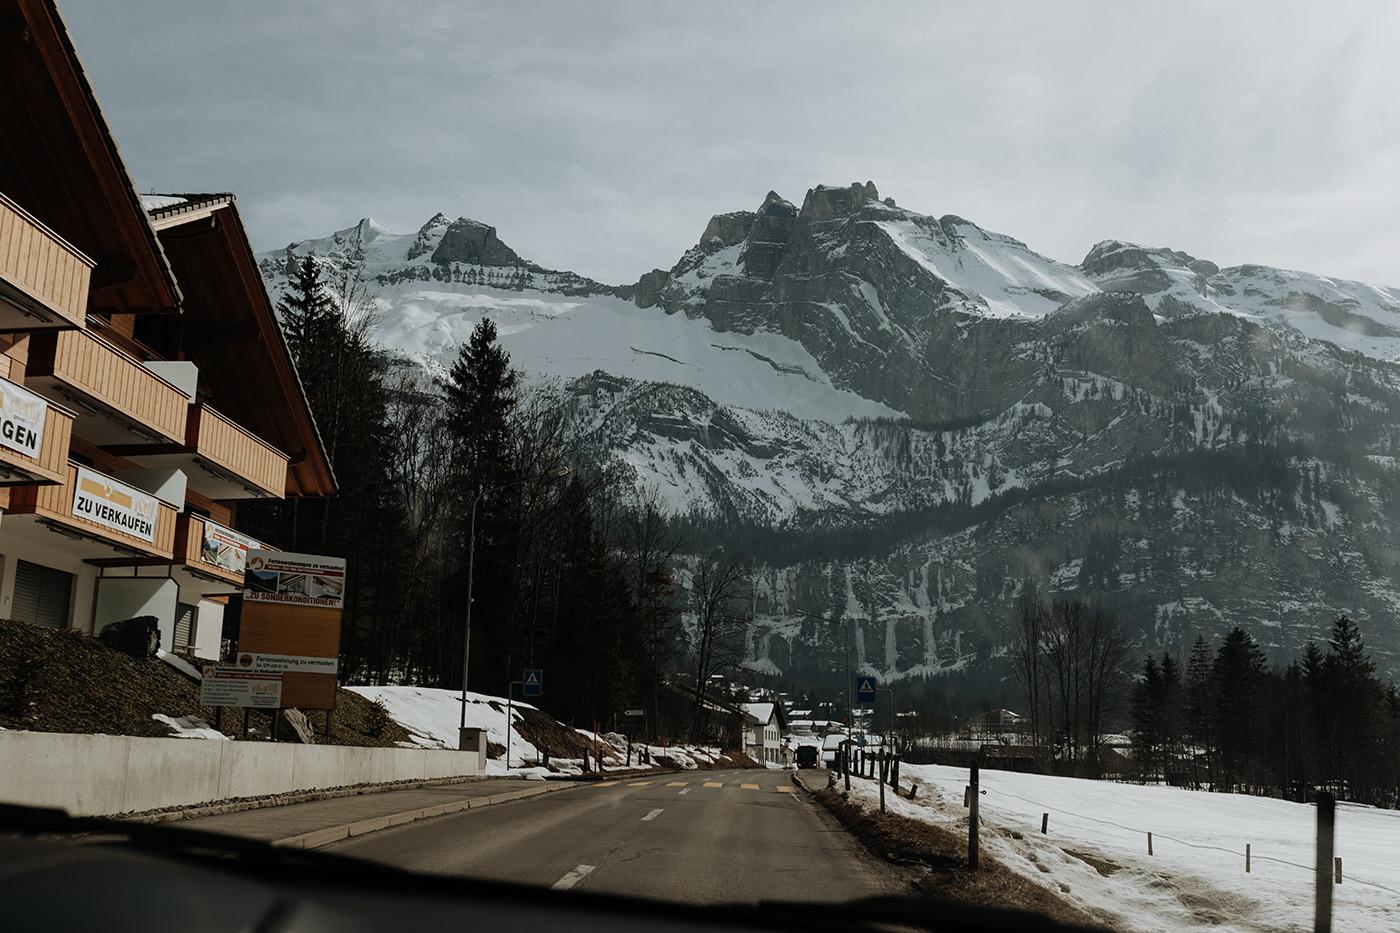 Szwajcaria - sesja plenerowa 7